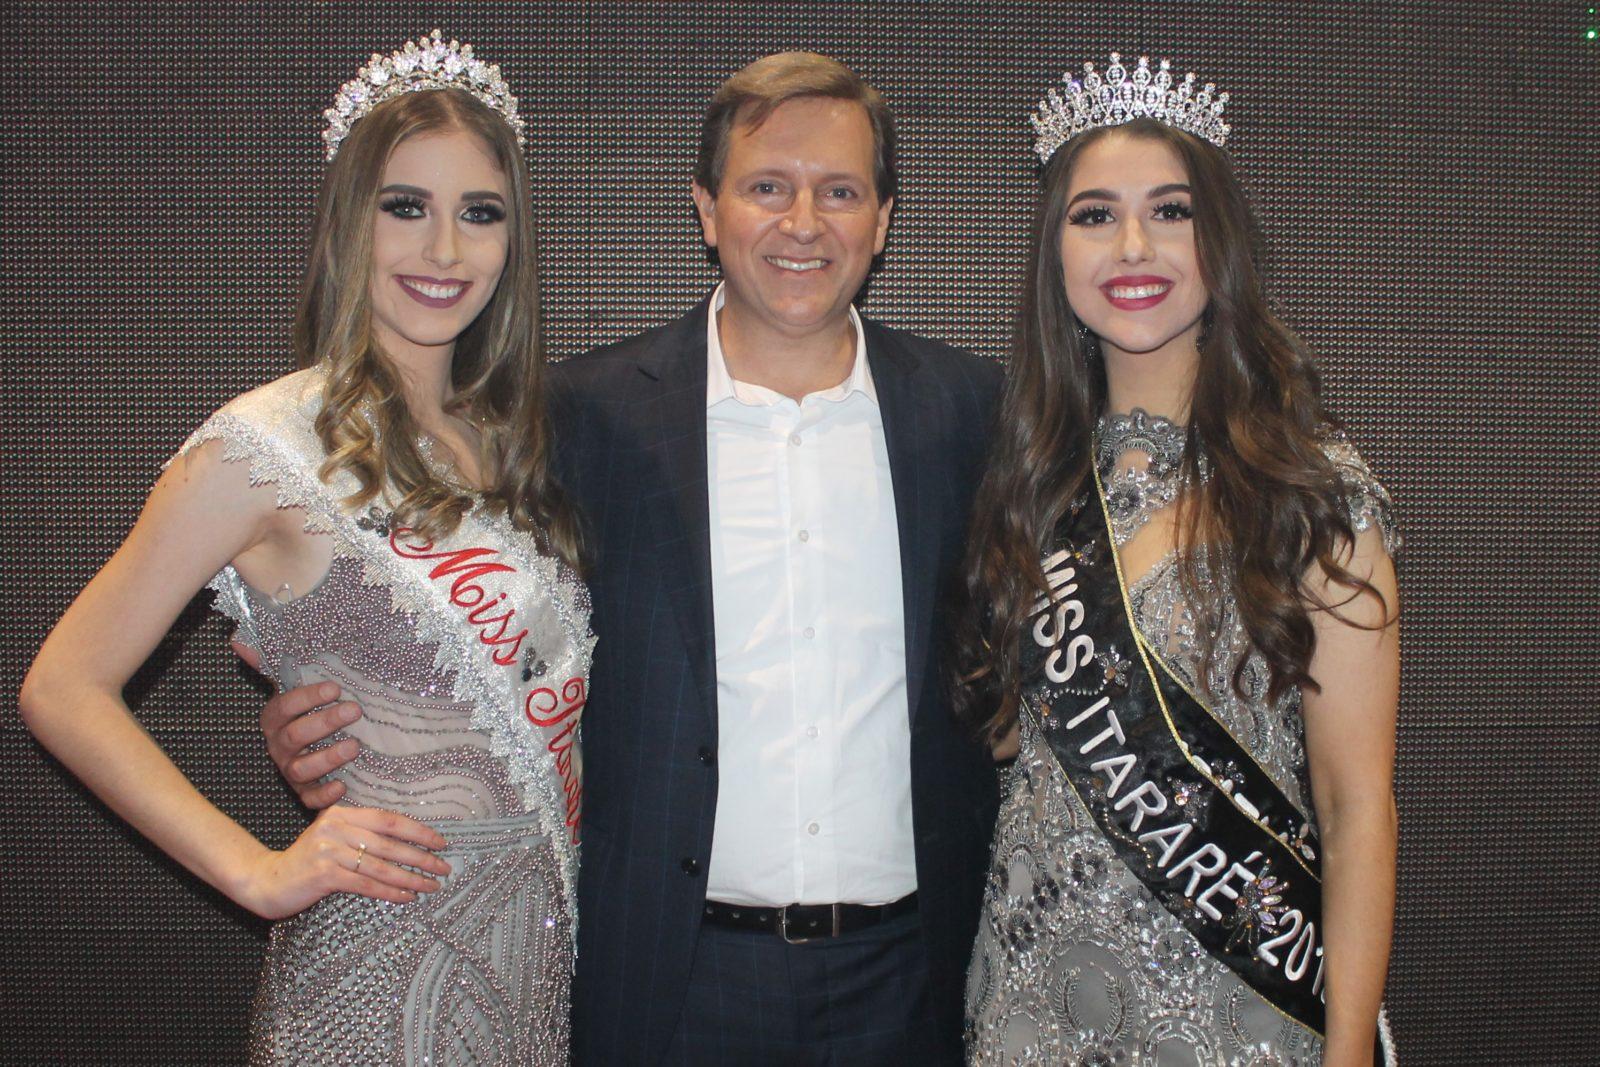 Após prorrogação, inscrições para Miss Itararé (SP) Be emotion 2019 terminam dia 31